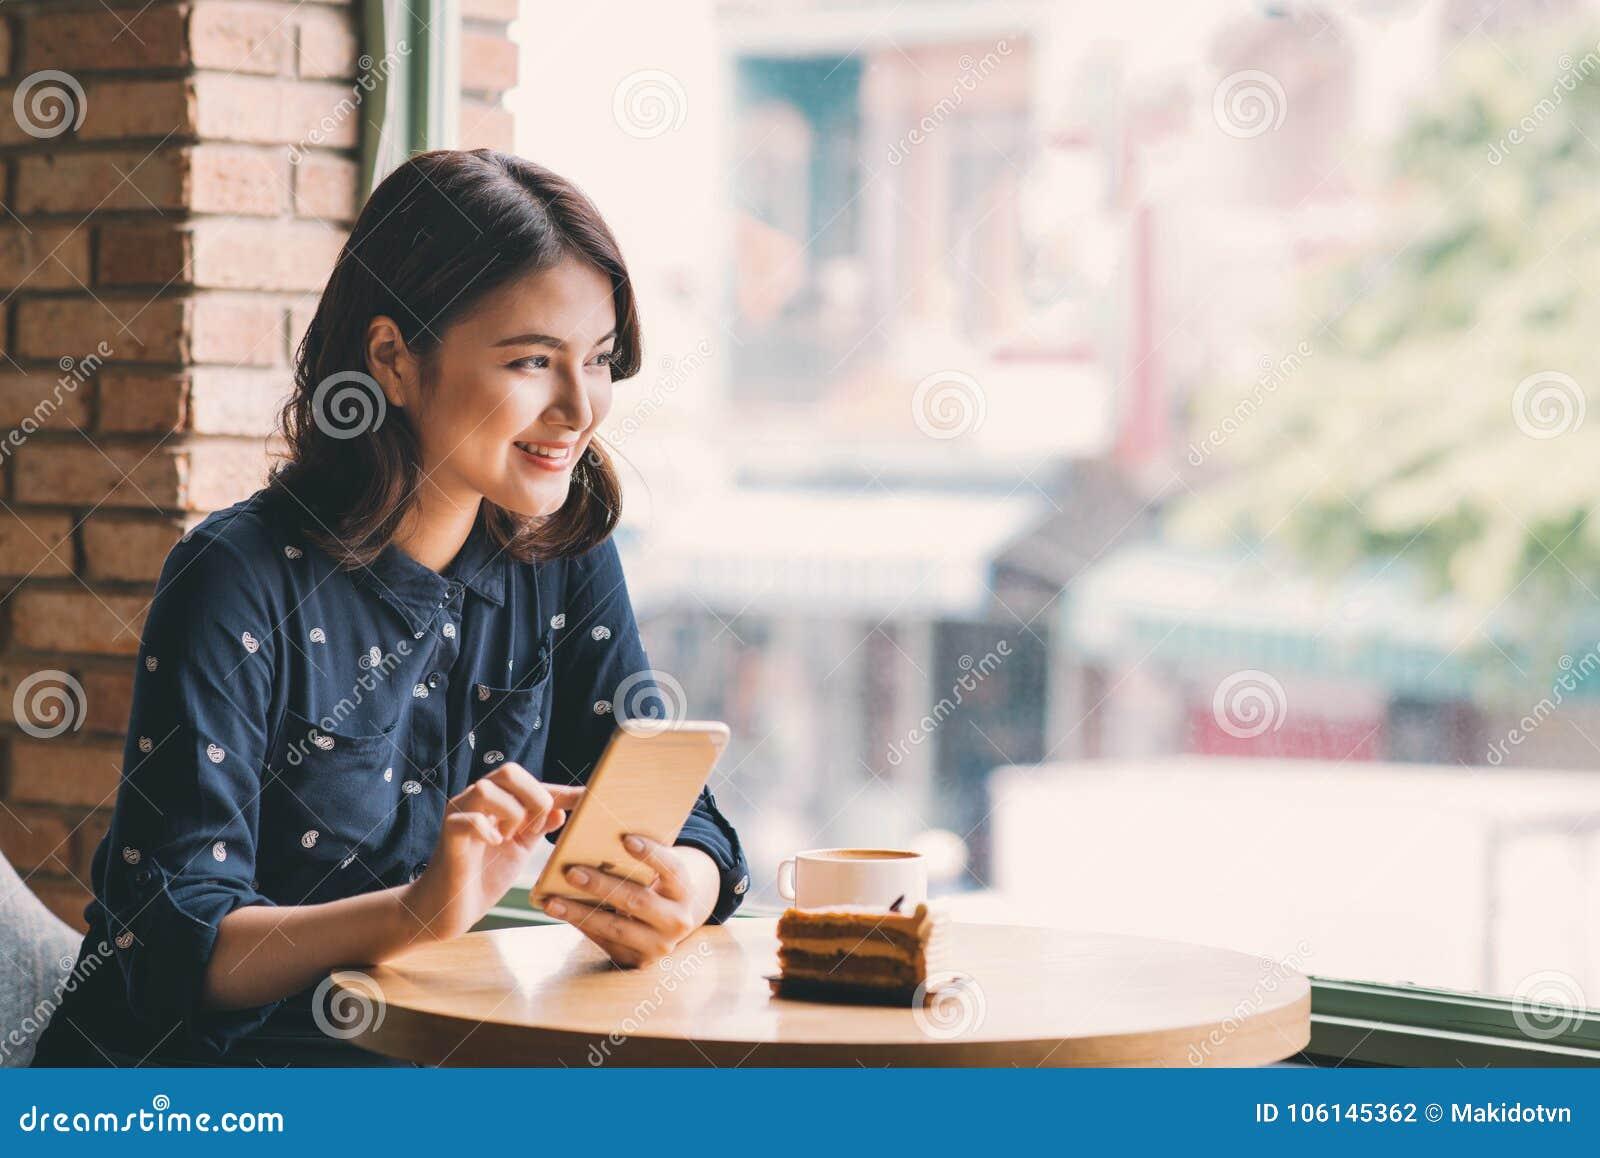 Empresaria joven asiática linda hermosa en el café, usando mobi